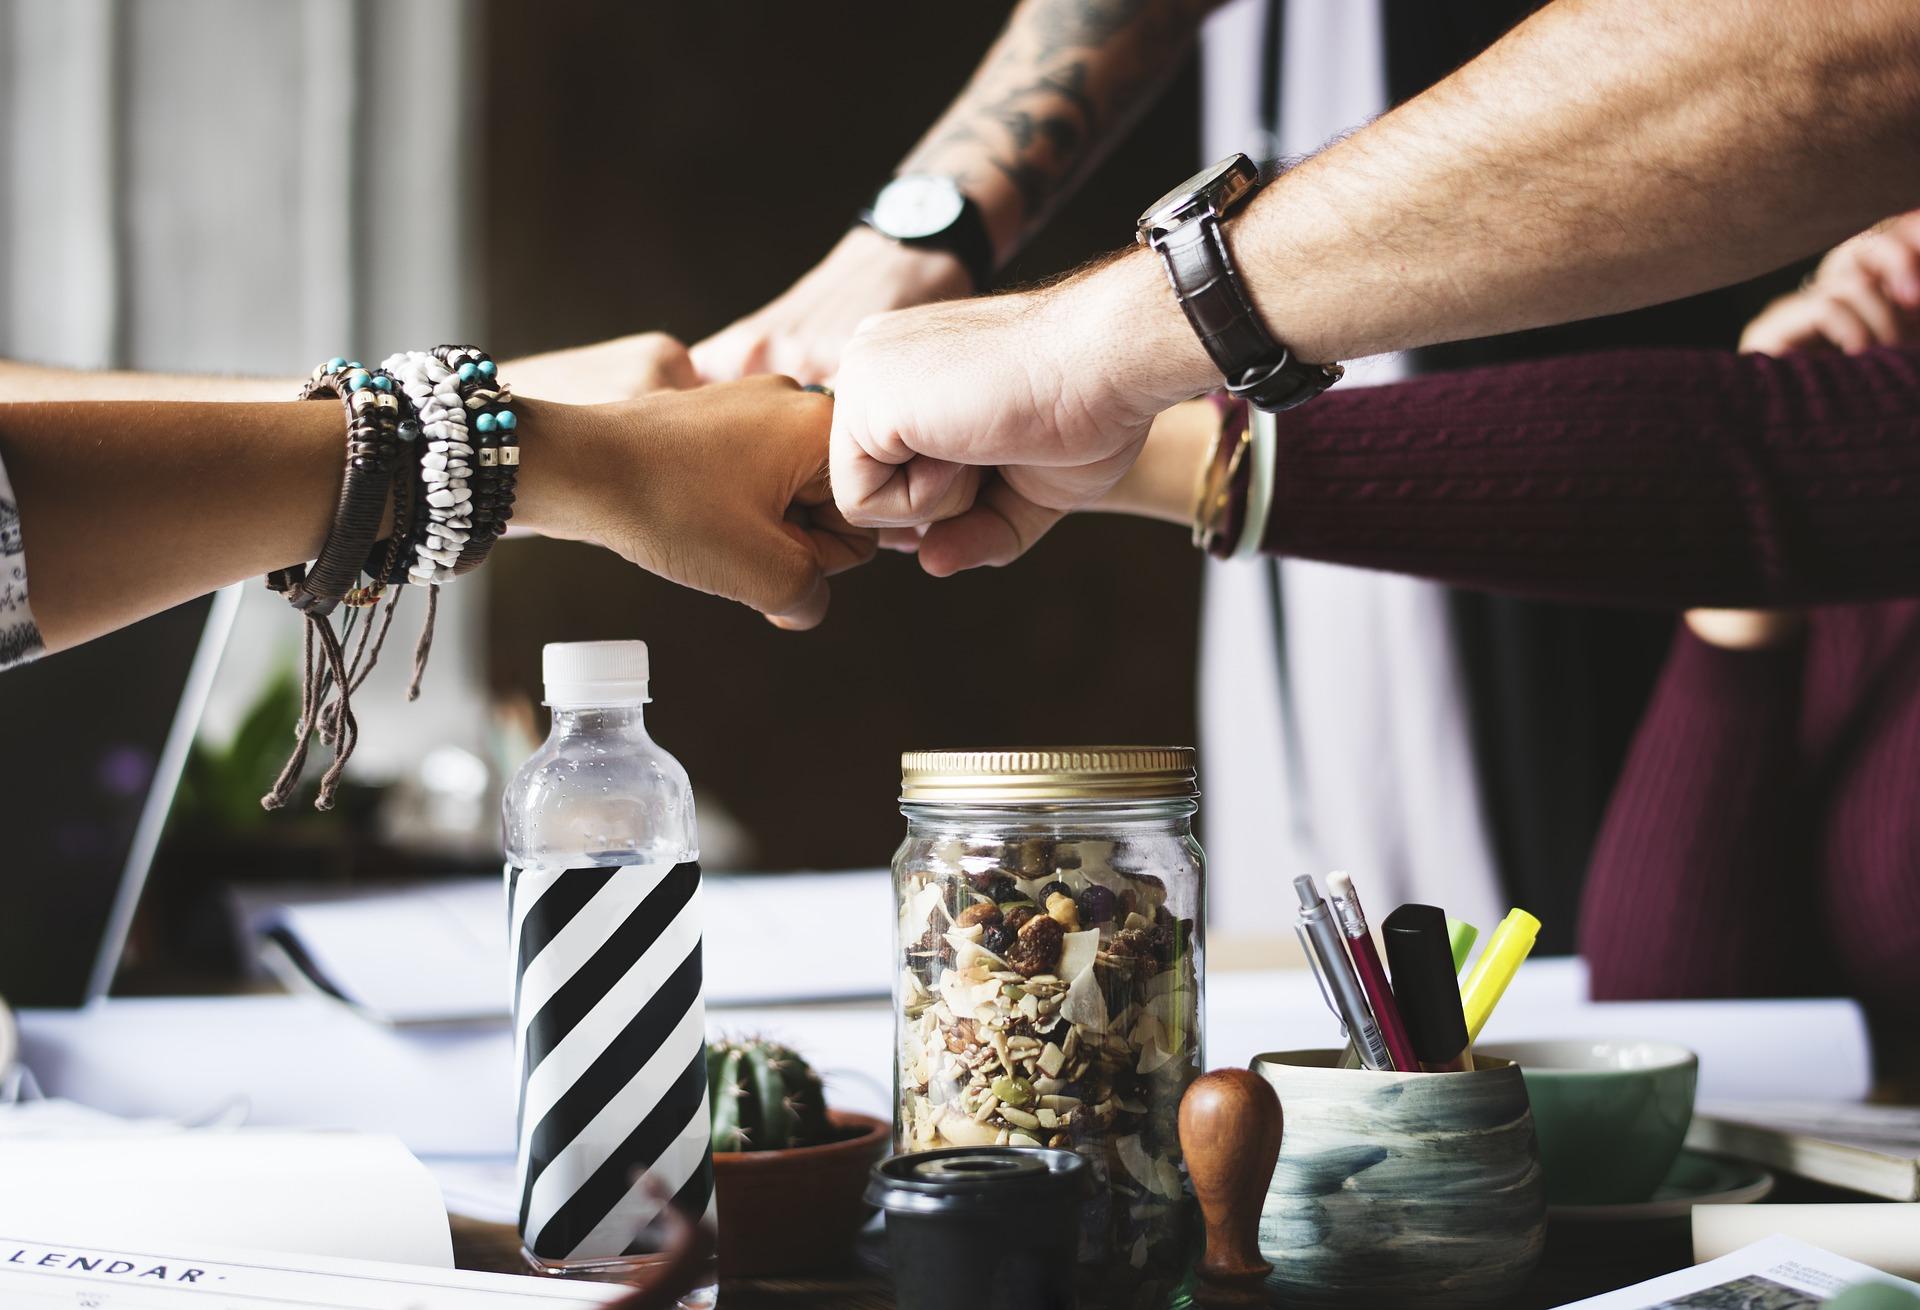 Recrutamento e seleção: como formar um time vencedor